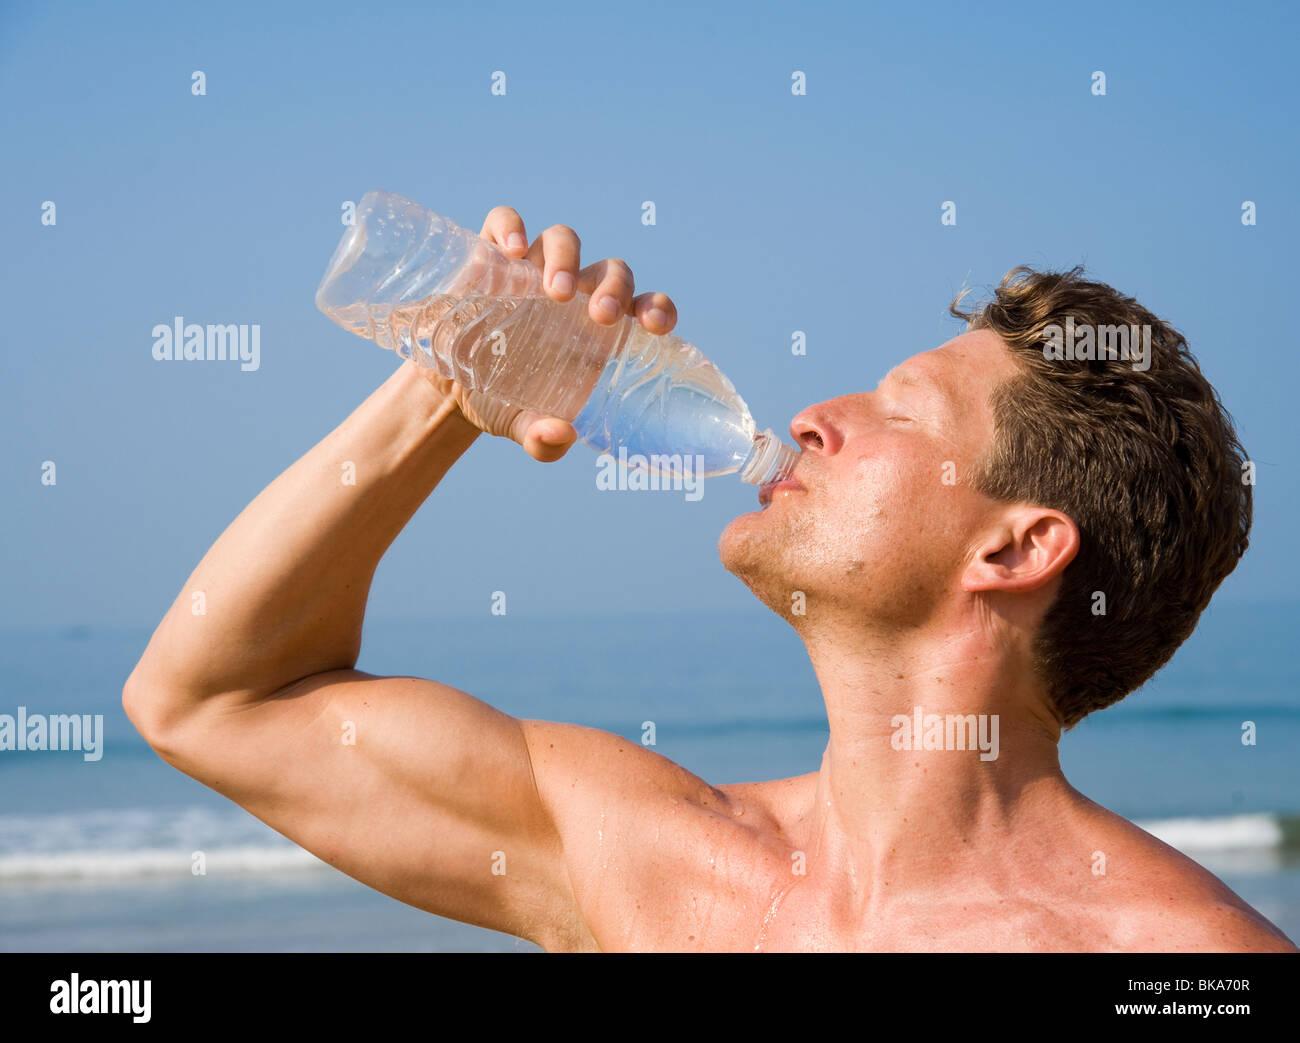 Un homme de boire de l'eau en bouteille sur une plage Photo Stock